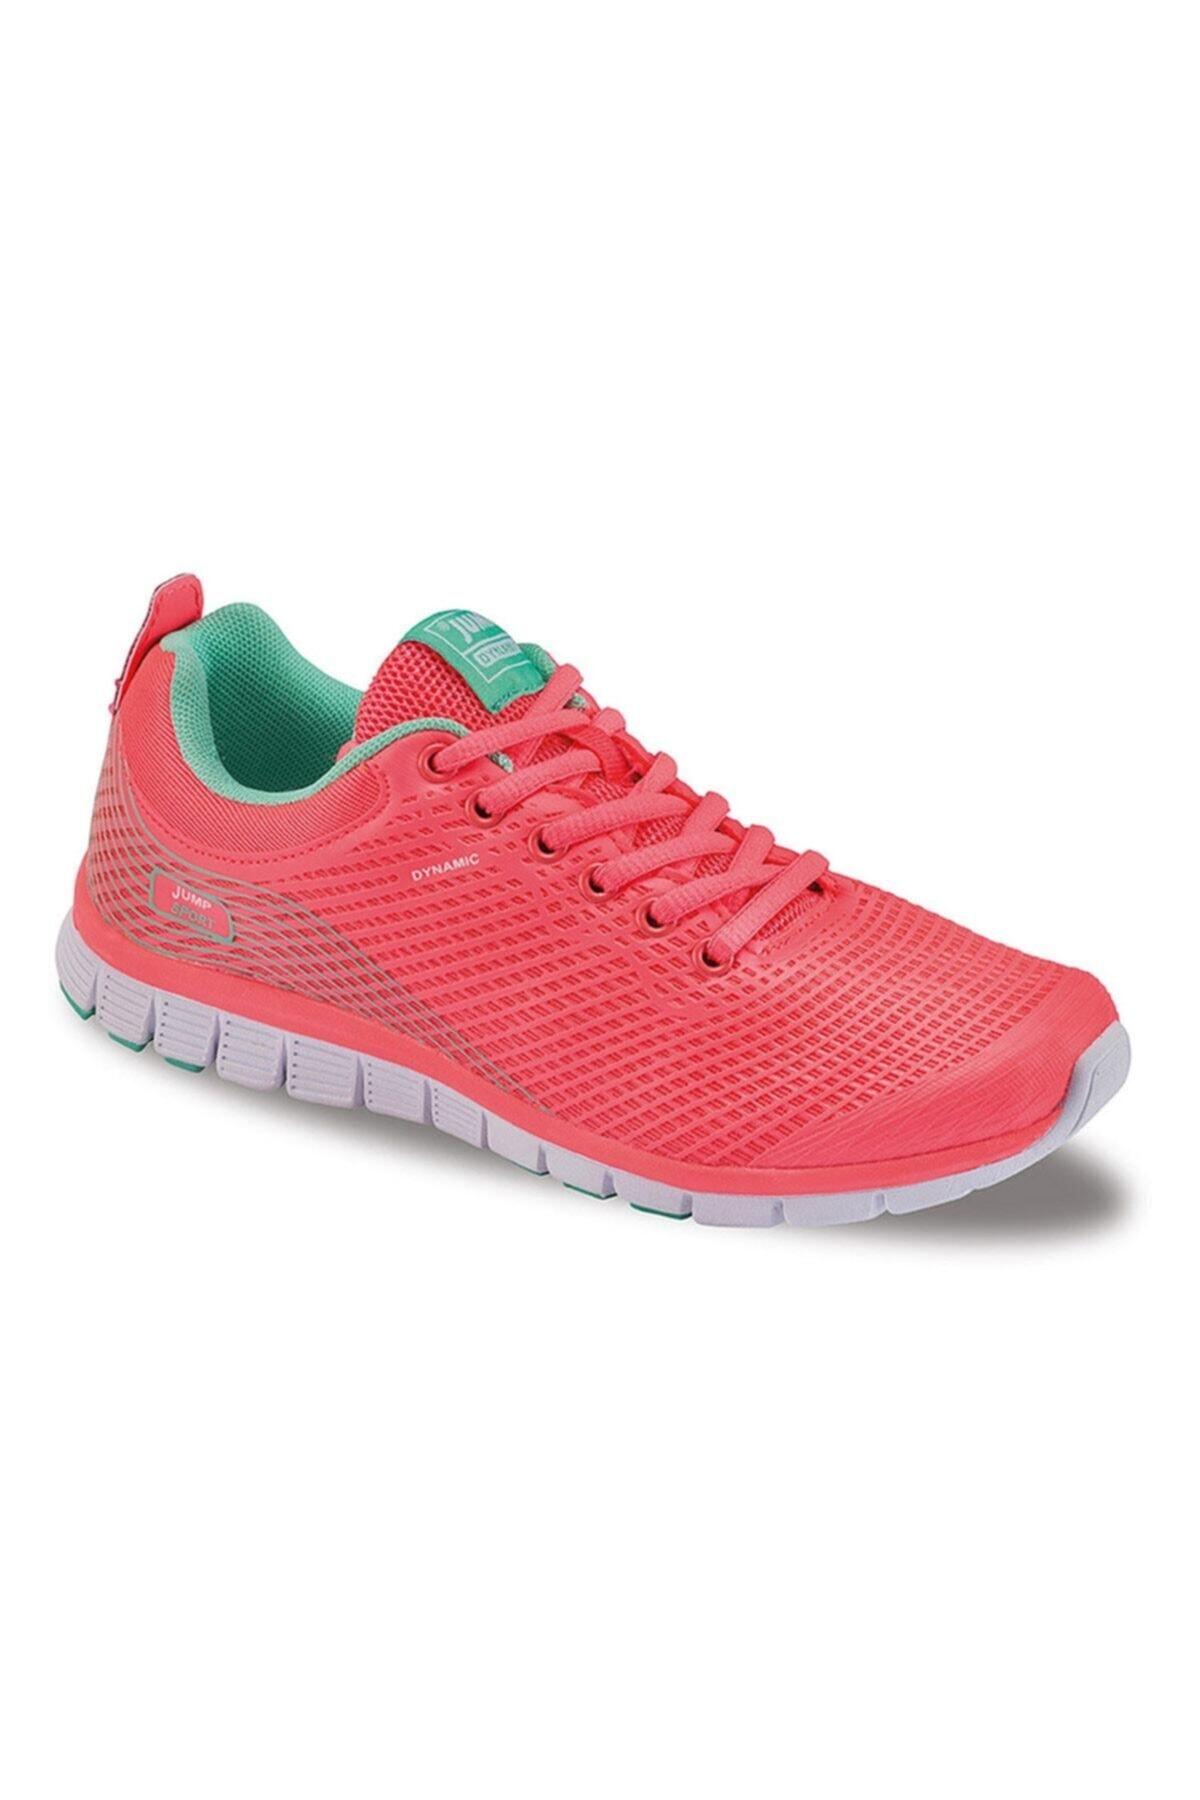 Jump Fuşya Kadın Spor Ayakkabı 190 12529z 1